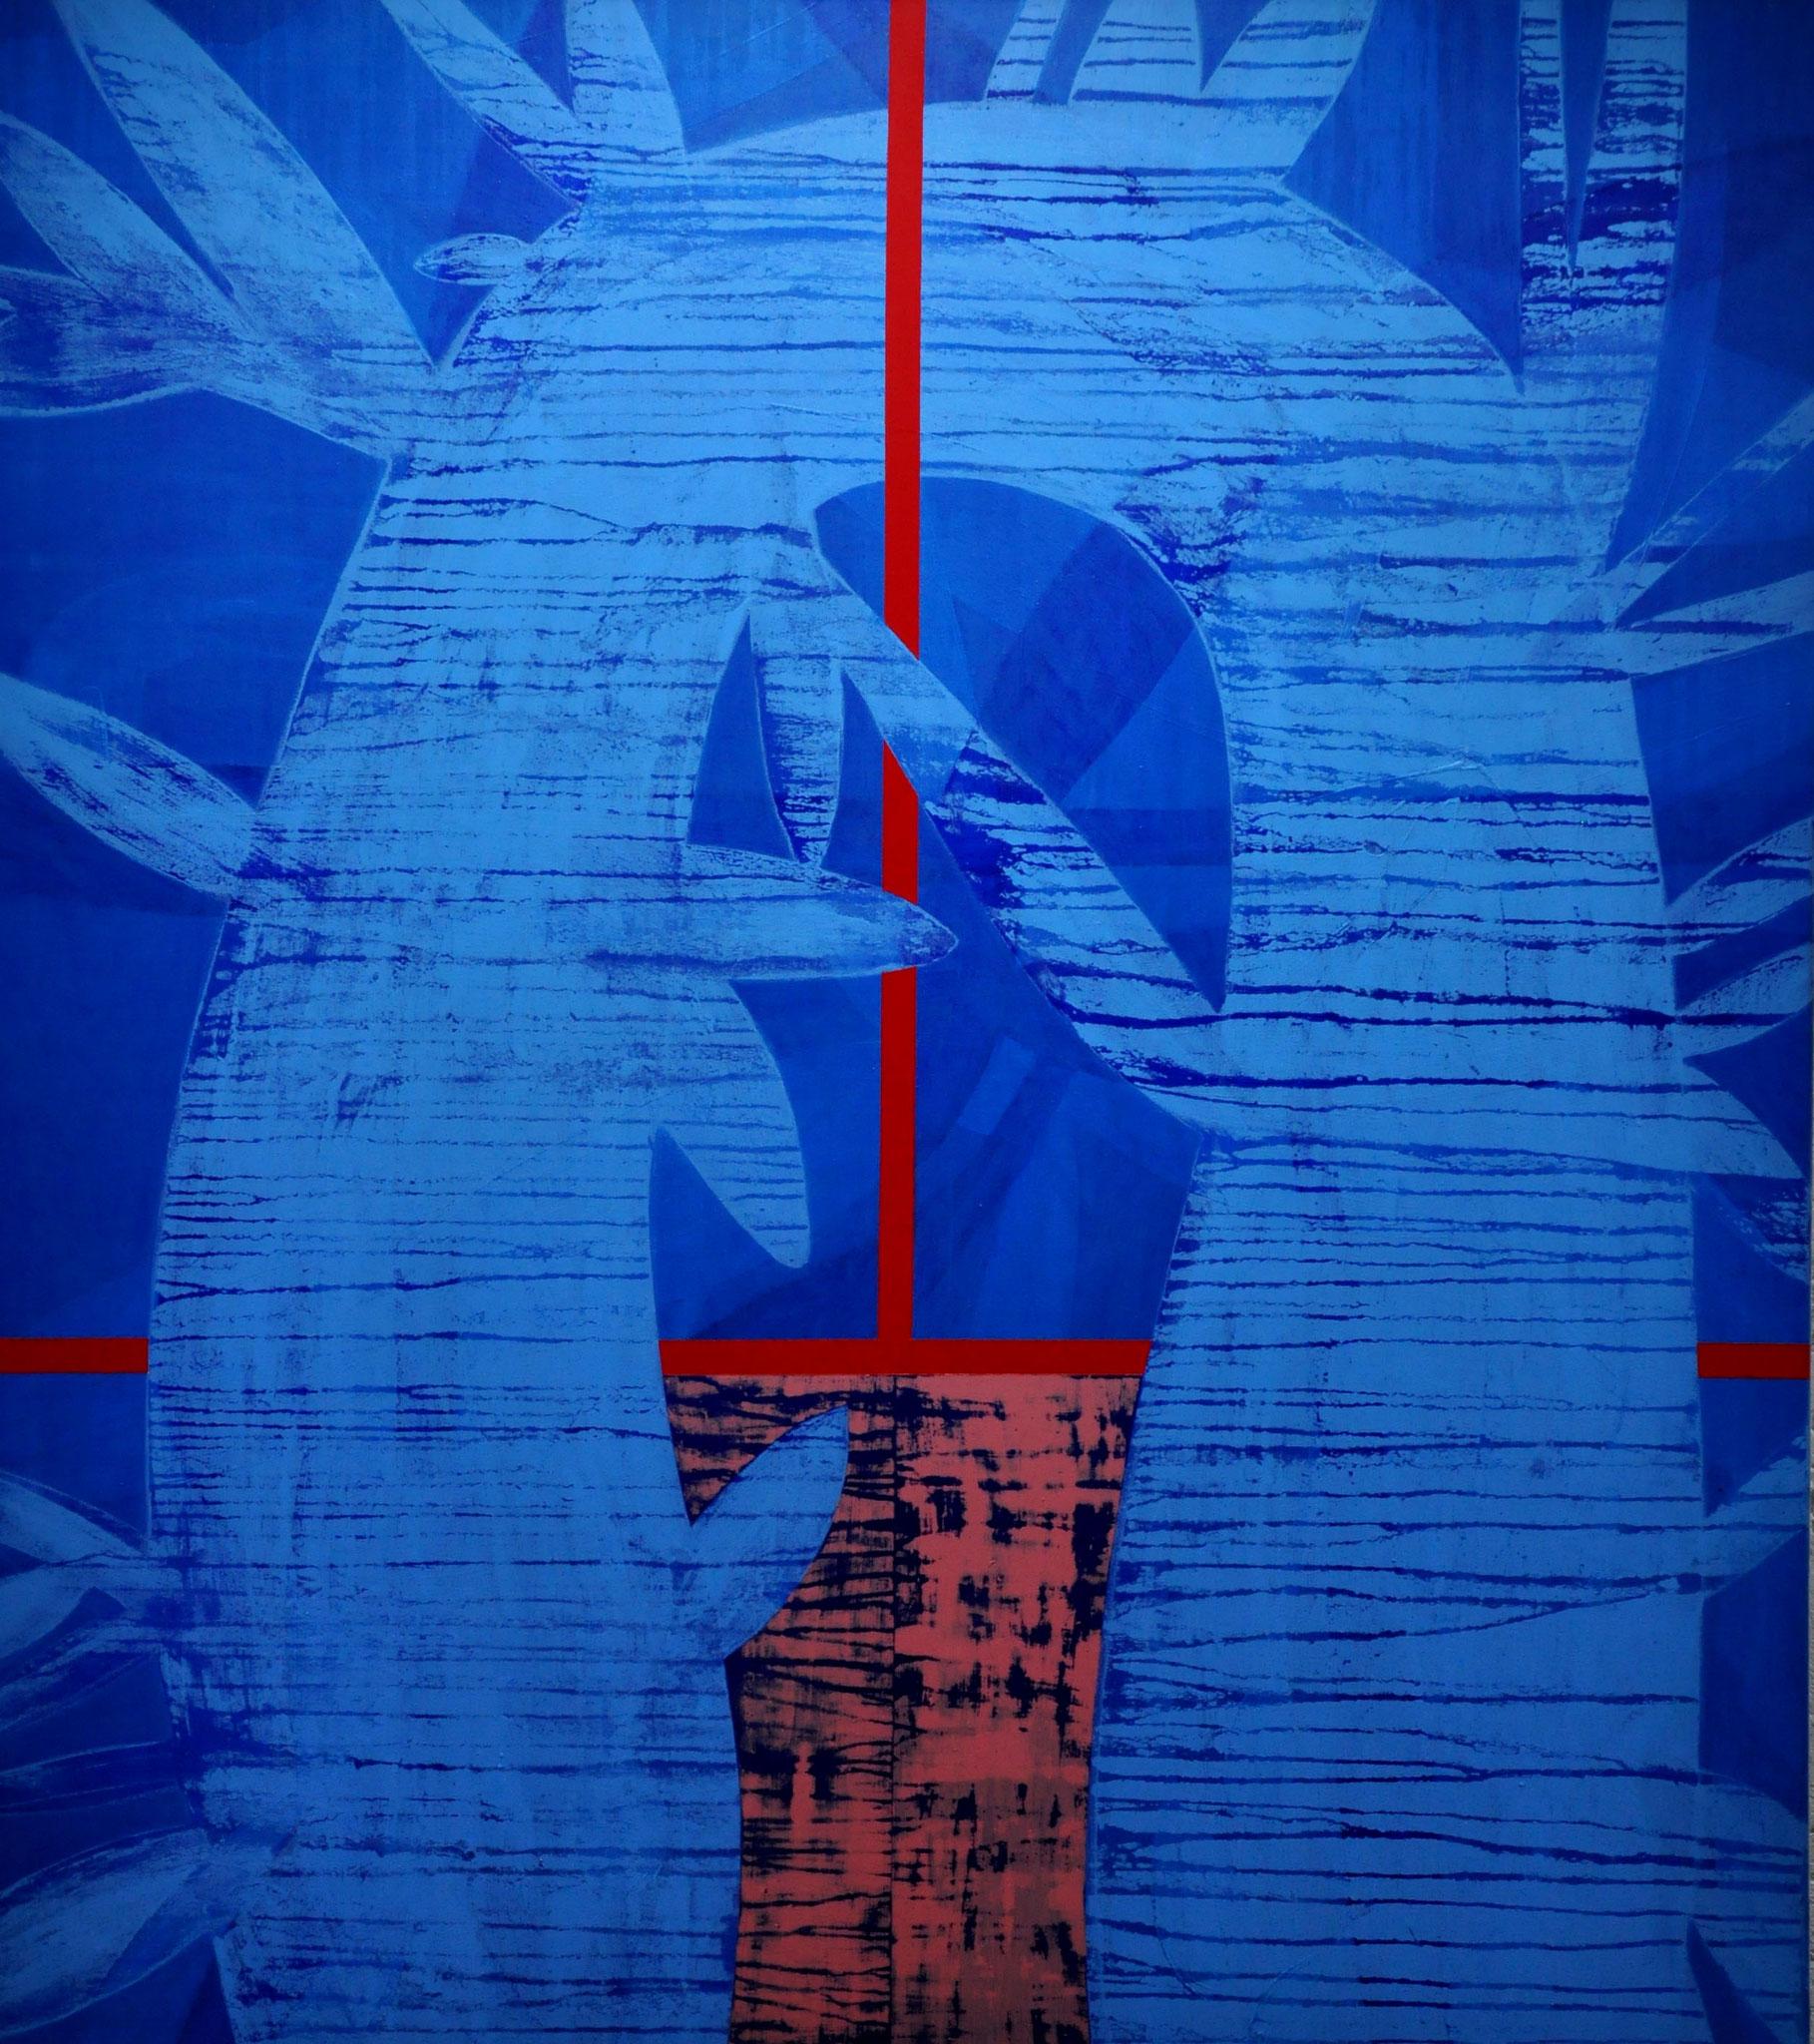 Das rastende Fieberkleid spannen,  greifen über den stillen, knotigen Teig,  hinein in den Stolz, der weint  2007, 140 x 160 cm,  acrylic on canvas